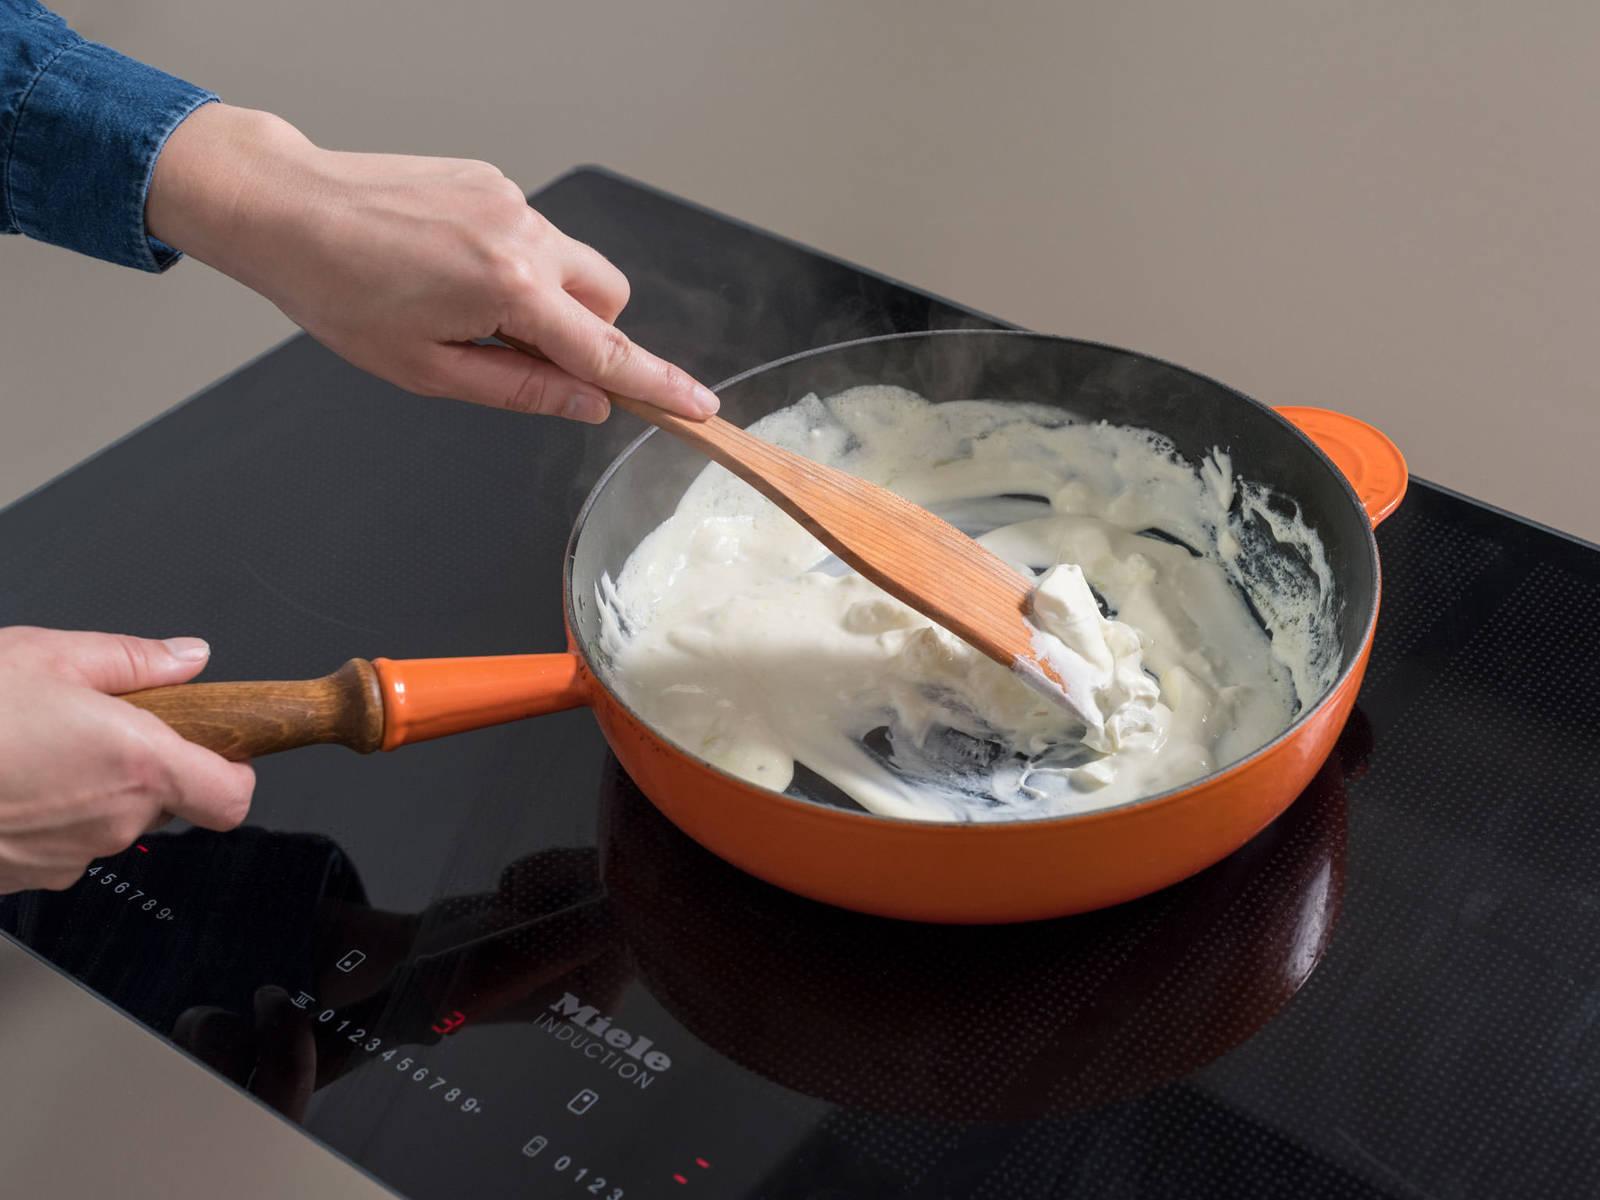 Penne abgießen und einen Teil des Kochwassers aufheben und beiseitestellen. Olivenöl in der Pfanne auf mittlerer Hitze erwärmen. Knoblauch scharf anbraten. Anschließend Hitze reduzieren, Crème Fraîche und einen Teil des Ziegenfrischkäses dazugeben und verrühren.